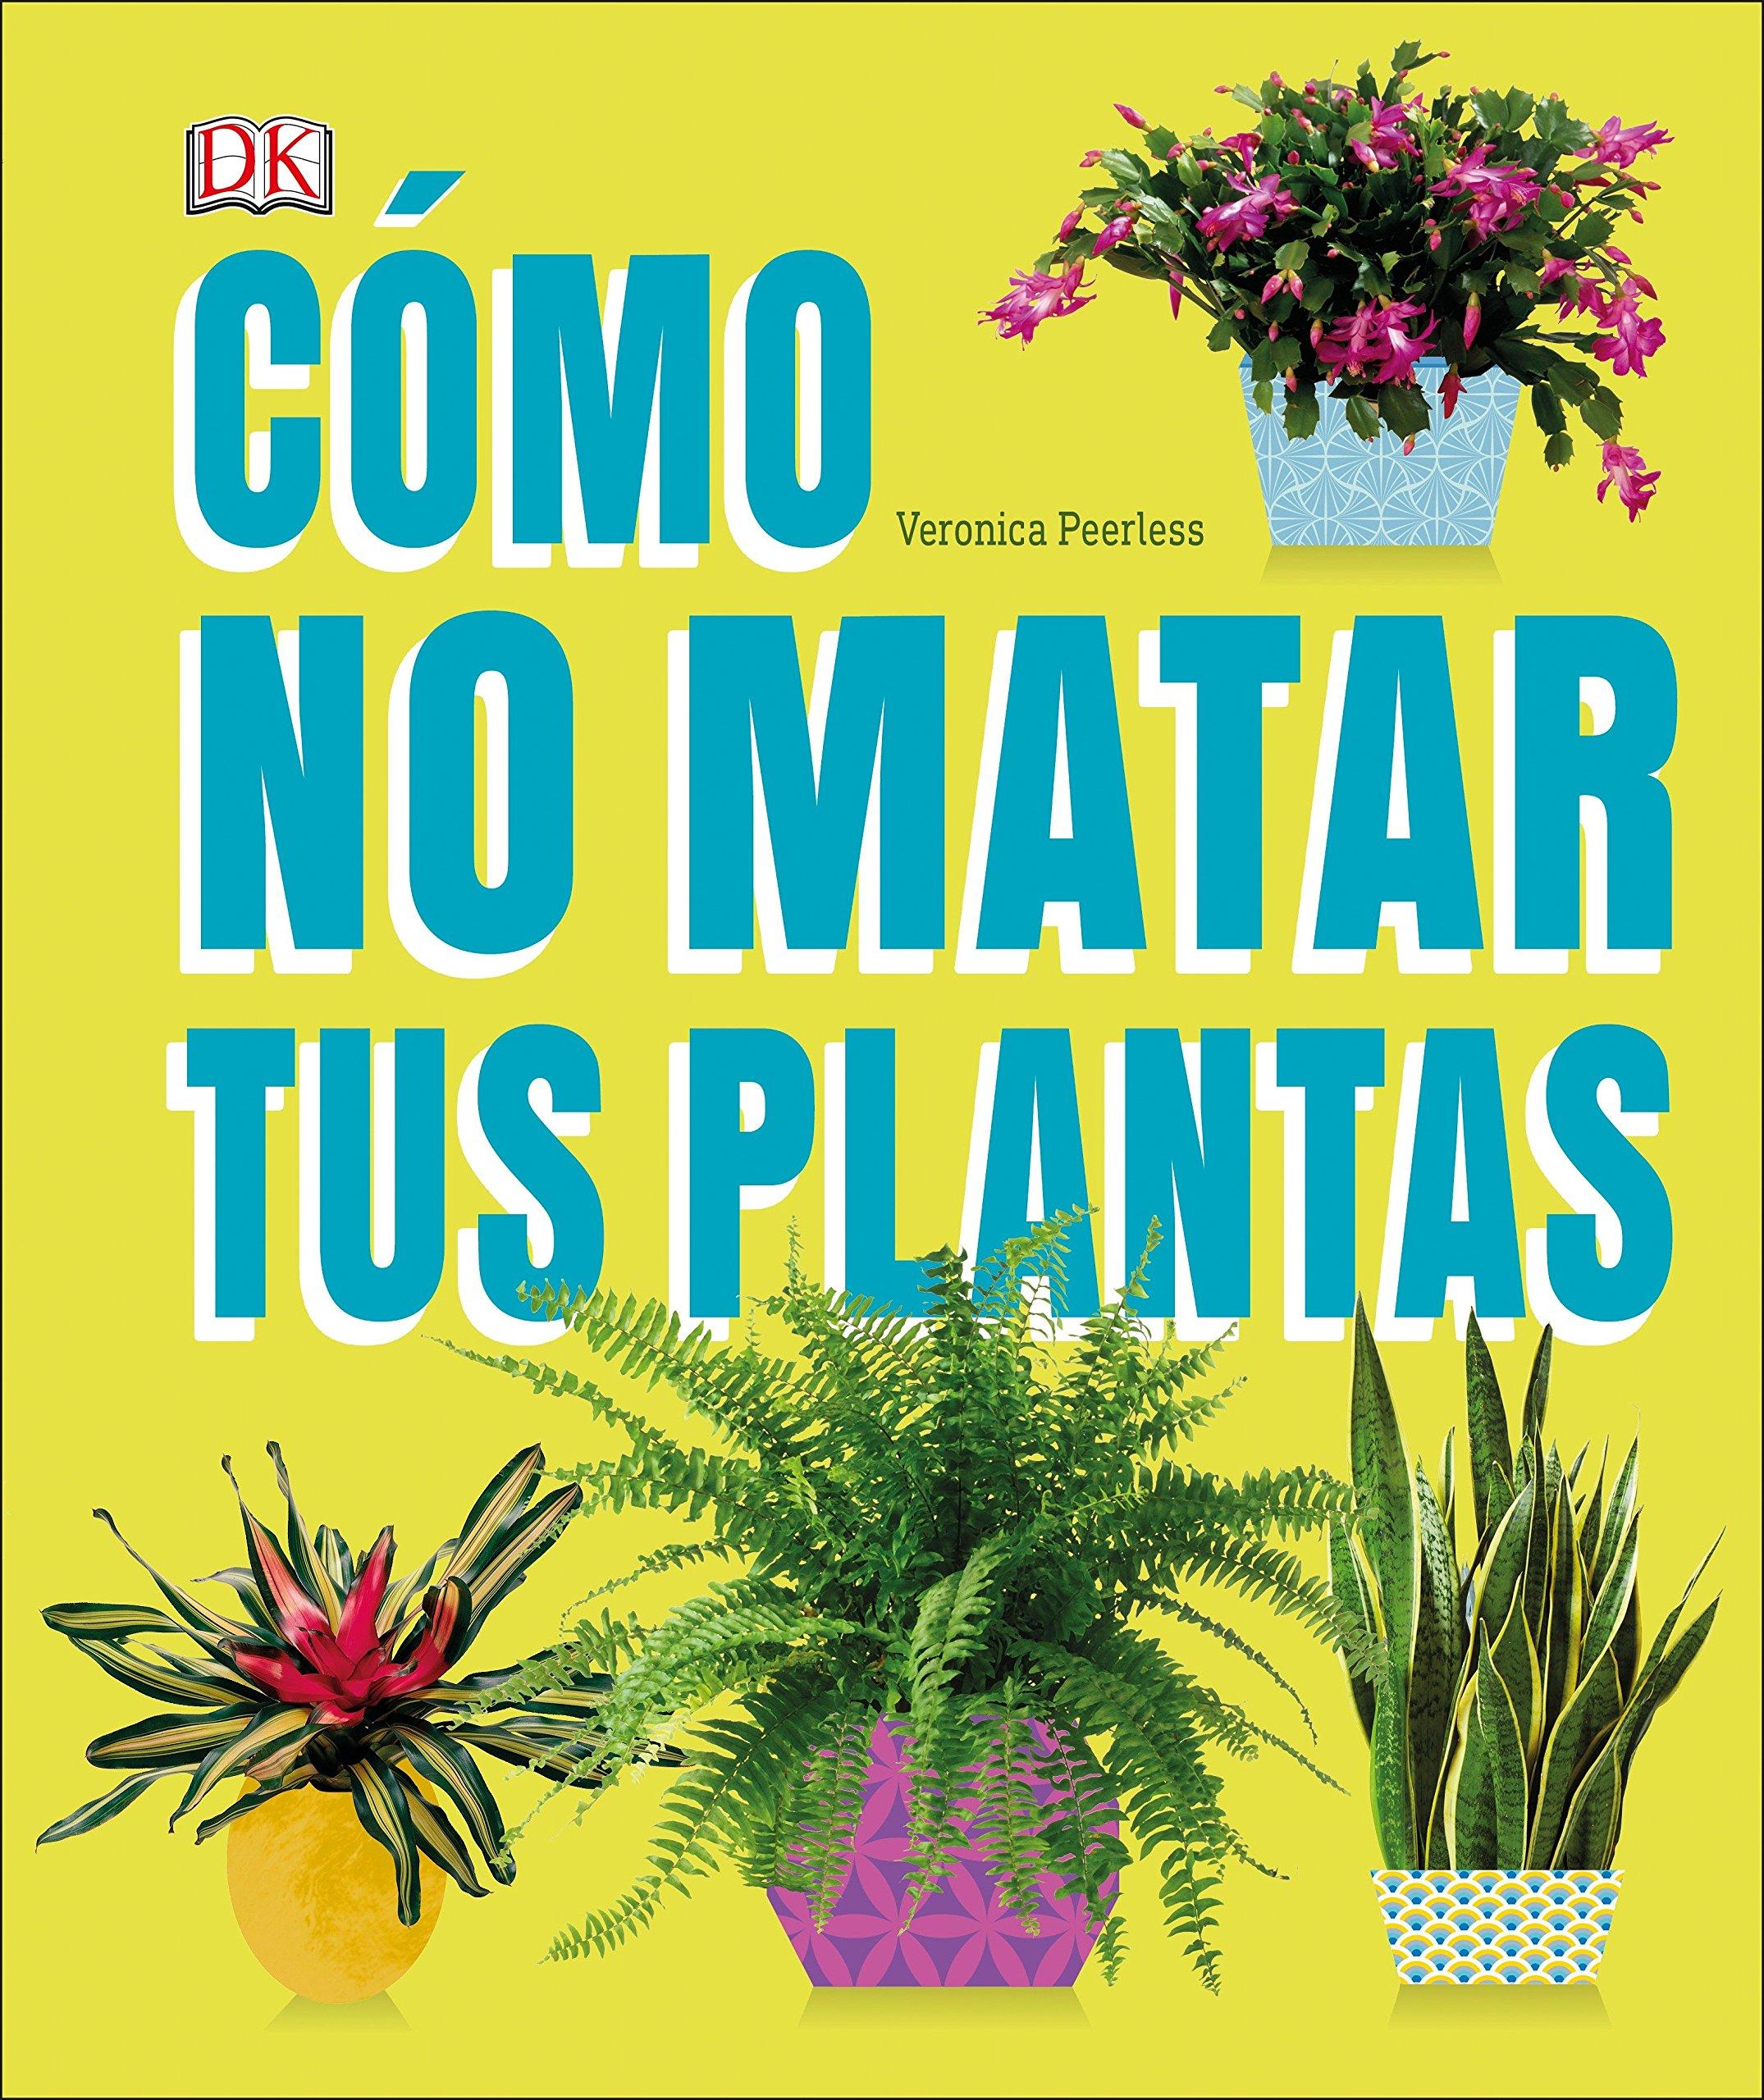 Cómo No Matar Tus Plantas: Consejos Y Cuidados Para Que Tus Plantas de Interior Sobrevivan: Amazon.es: Veronica Peerless: Libros